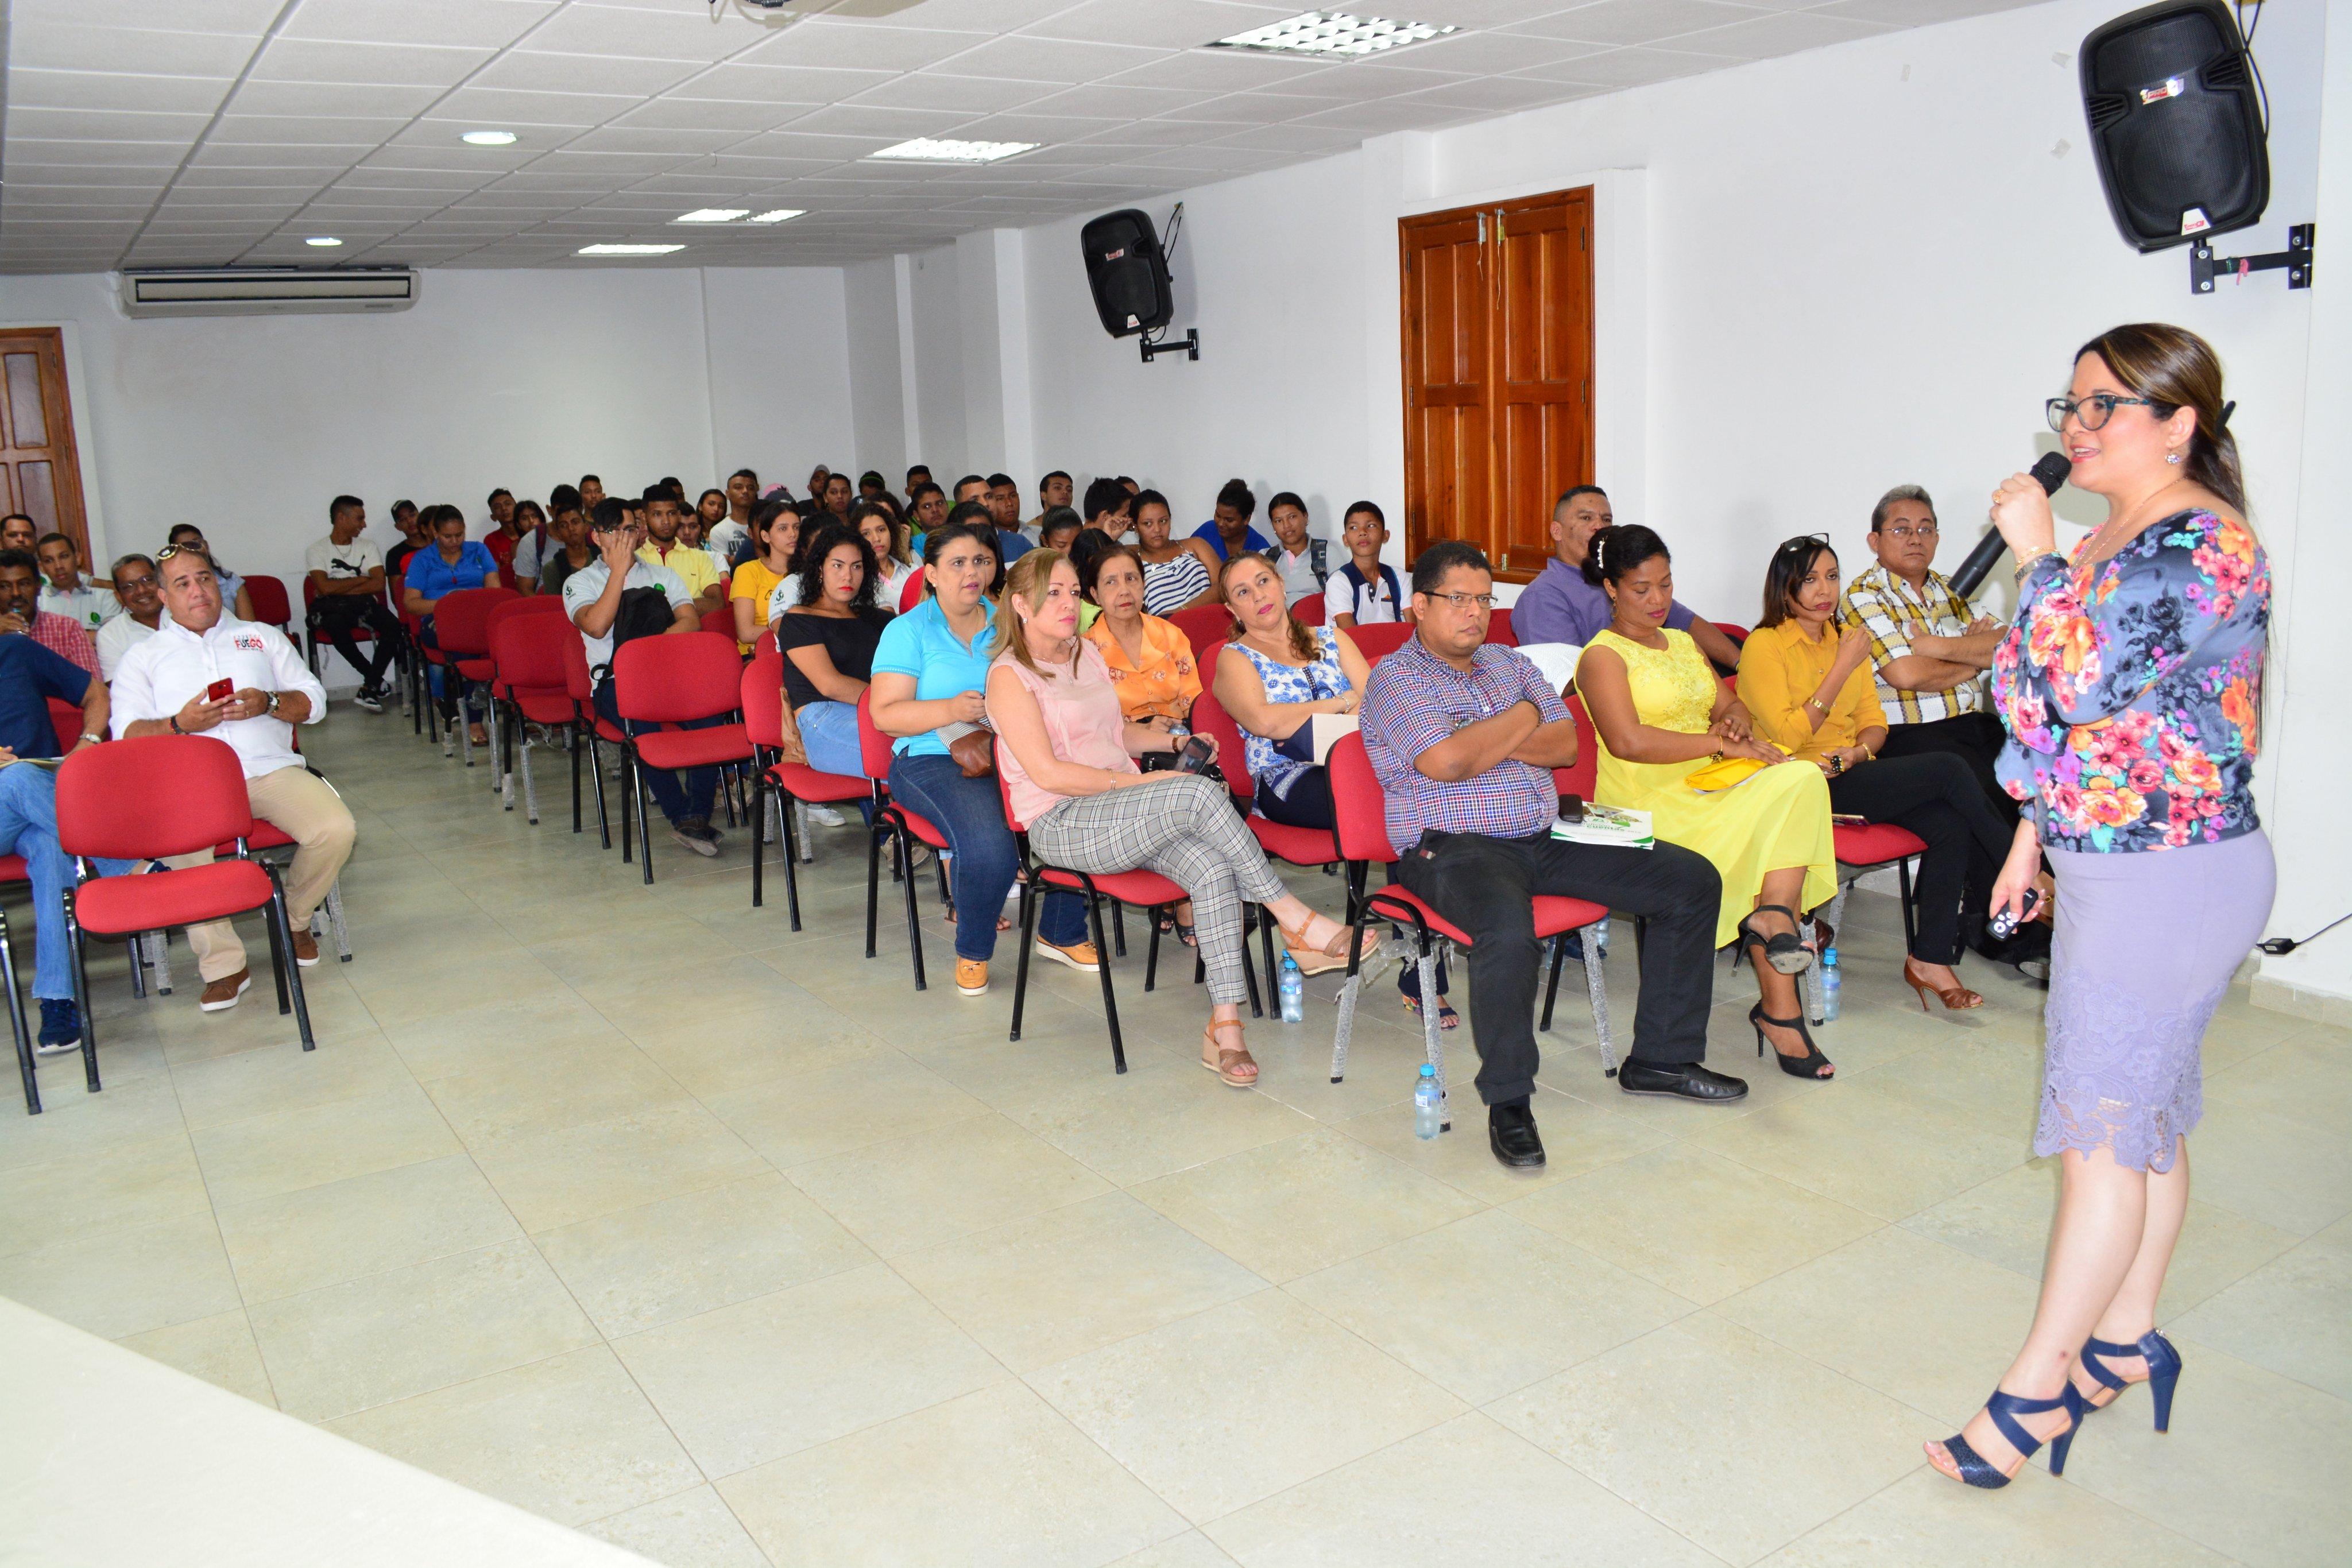 BOLETÍN INFORMATIVO DE LA DIRECCIÓN EJECUTIVA No 39- Septiembre de 2019